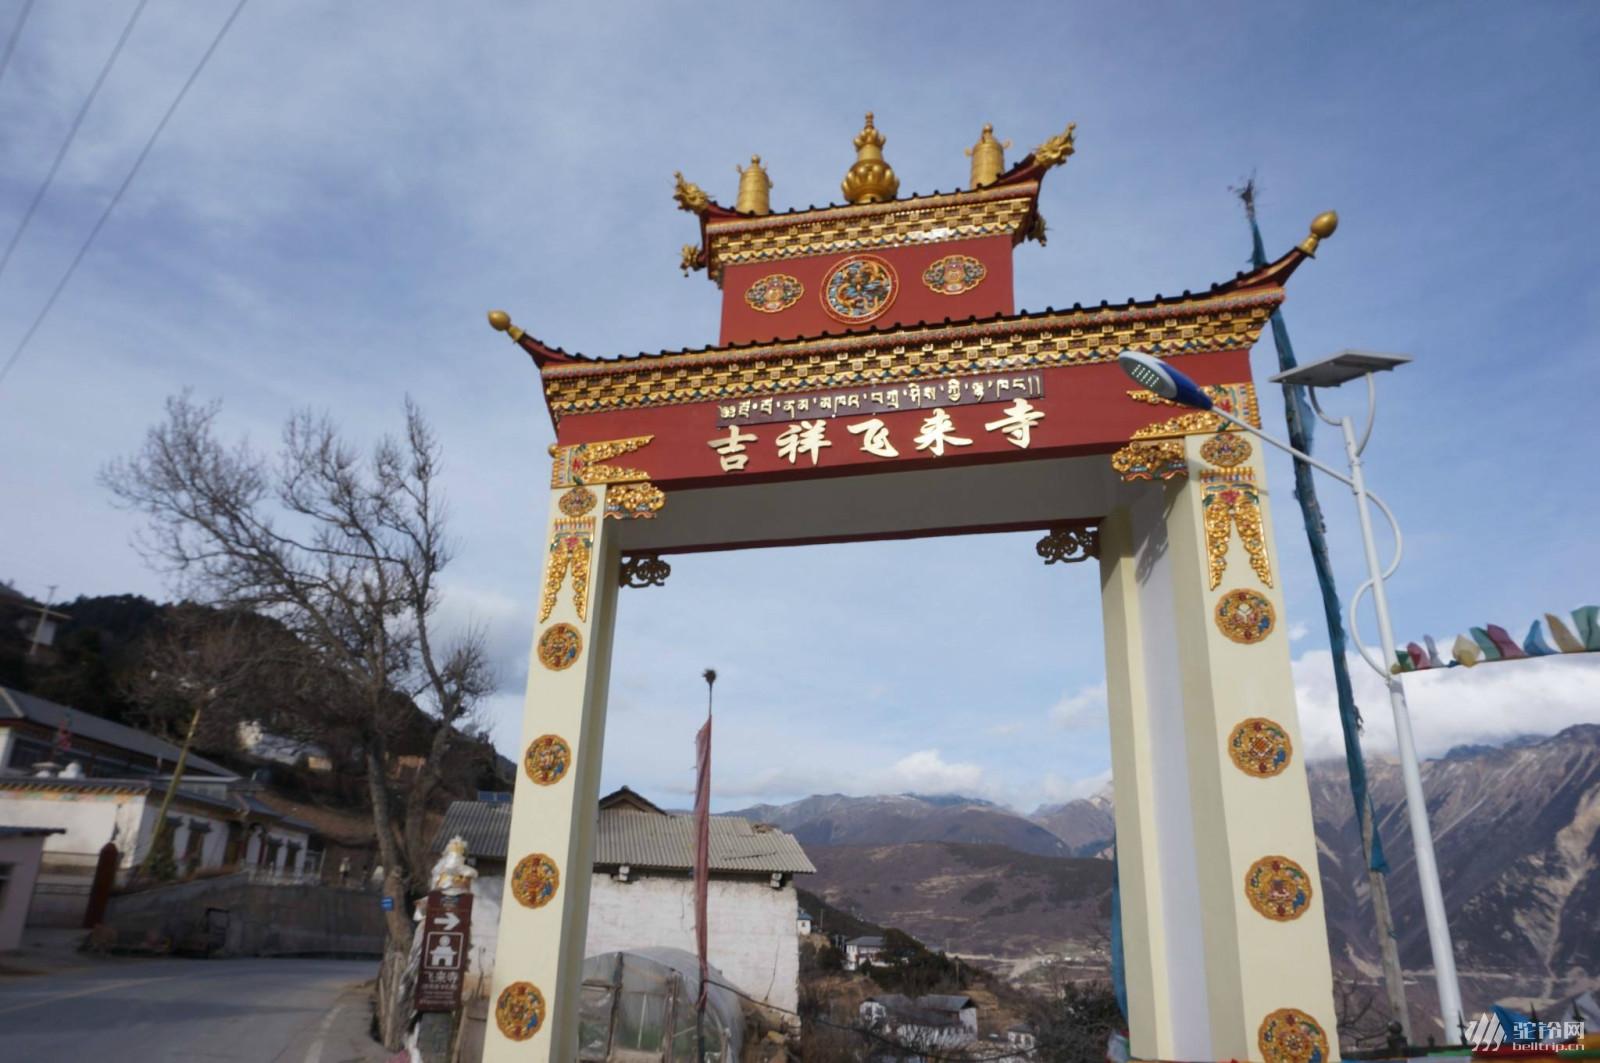 (13)真有22天的时间,你会去西藏吗?7月29号出发-户外活动图-驼铃网